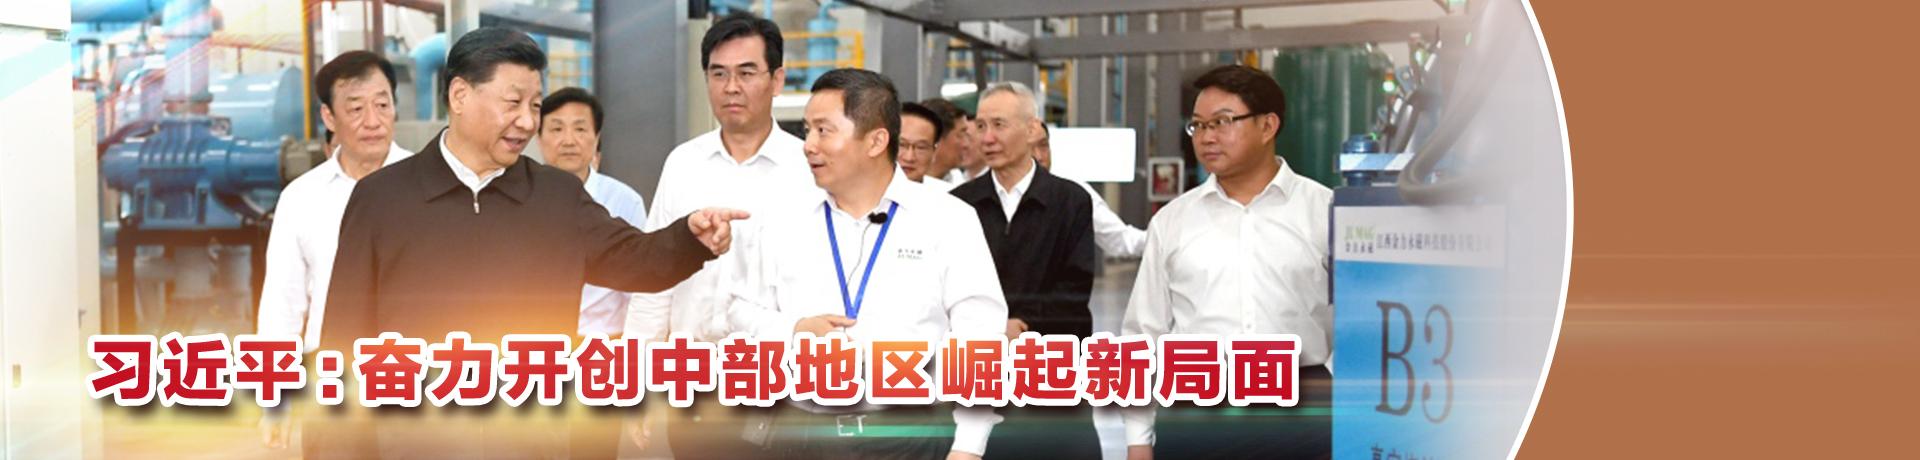 习近平:奋力开创中部地区崛起新局面